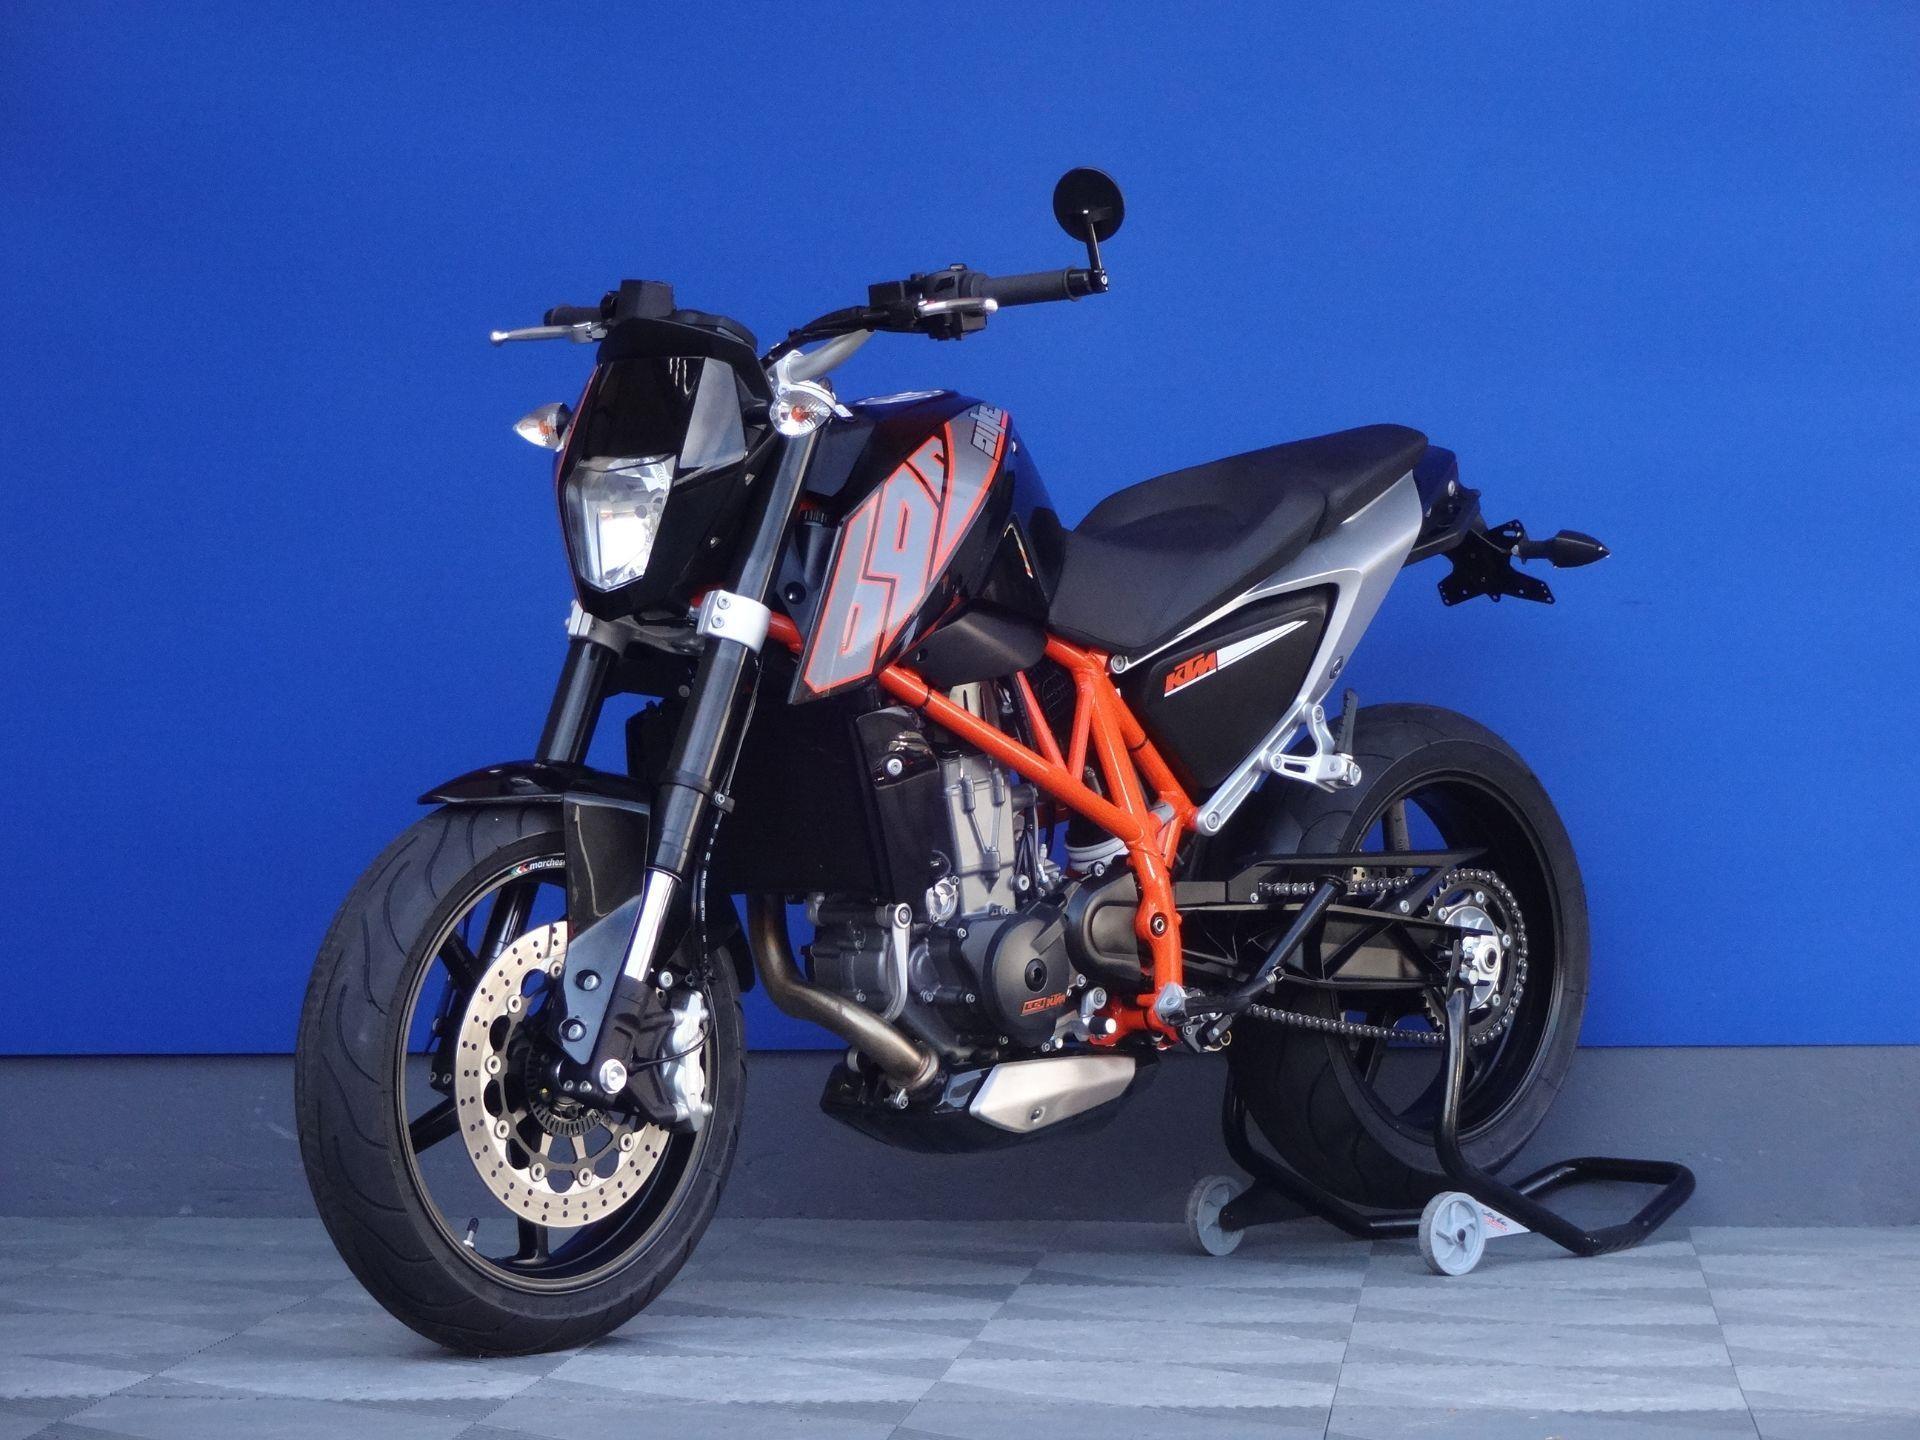 ktm 690 duke vogel motorbikes sch pfheim occasion. Black Bedroom Furniture Sets. Home Design Ideas